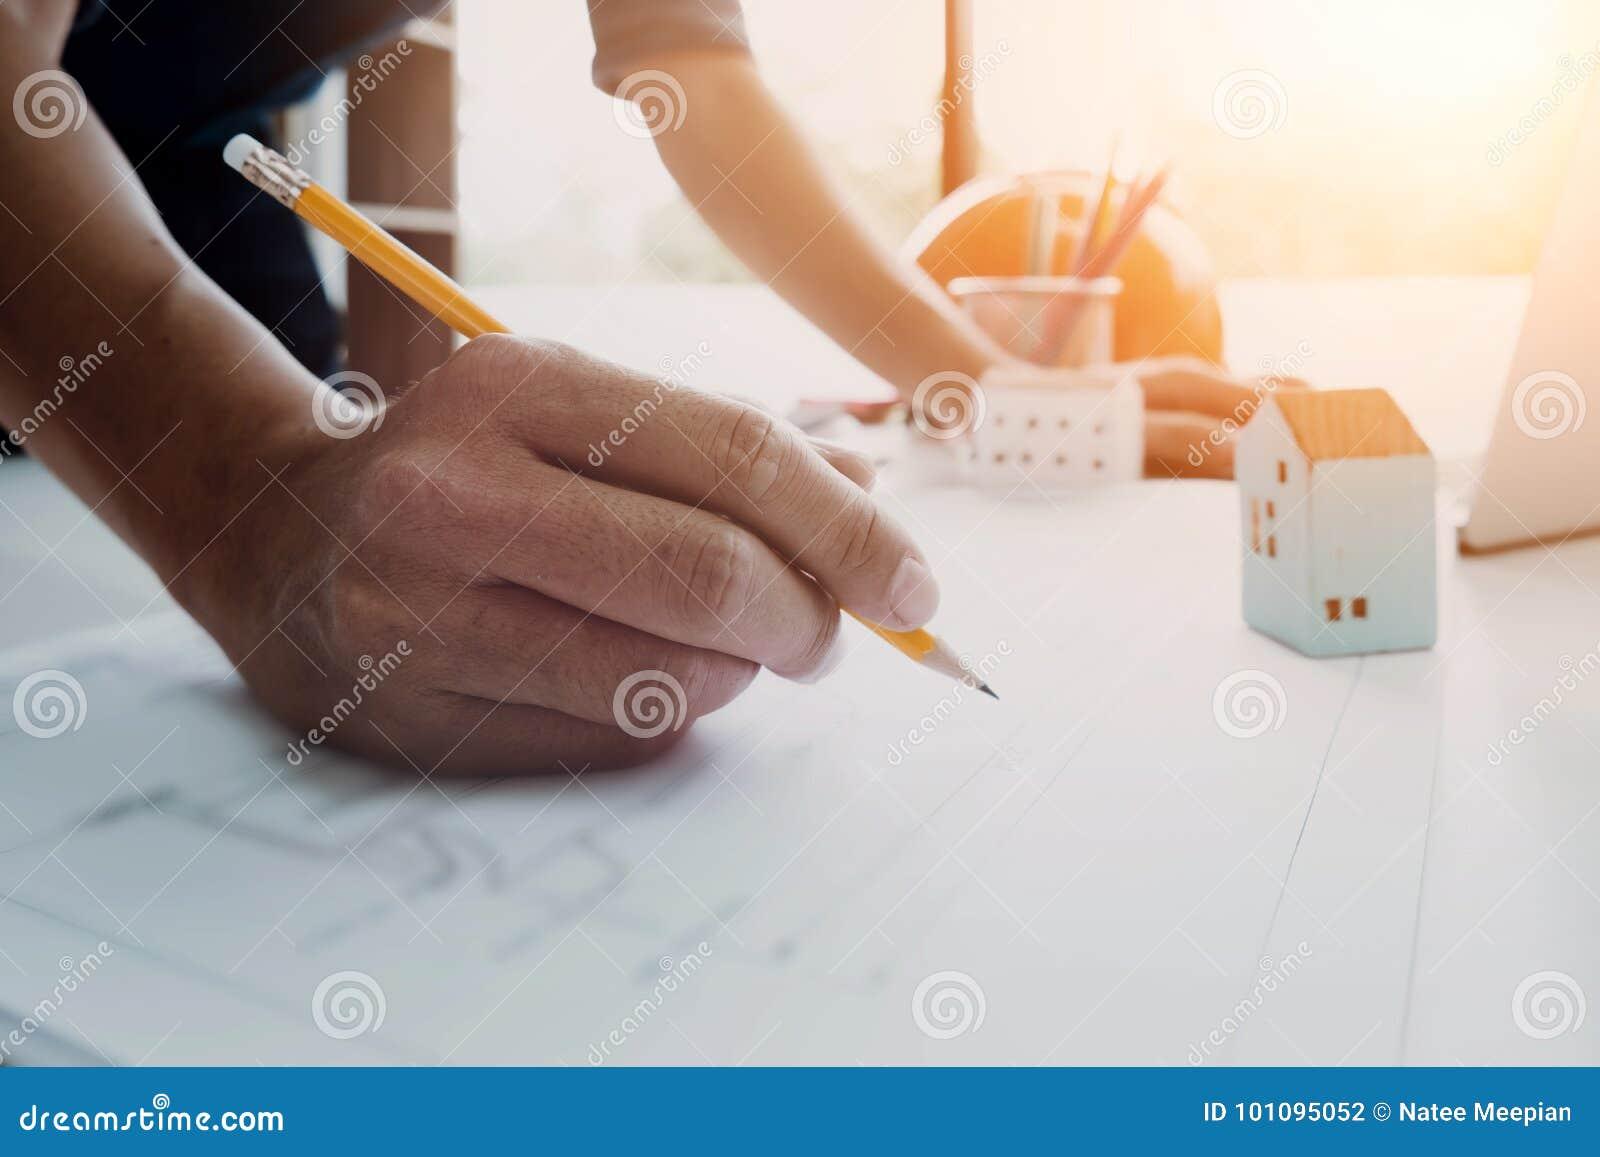 Image d ingénieur dessinant un bâtiment ou une maison de conception de croquis de mise au point